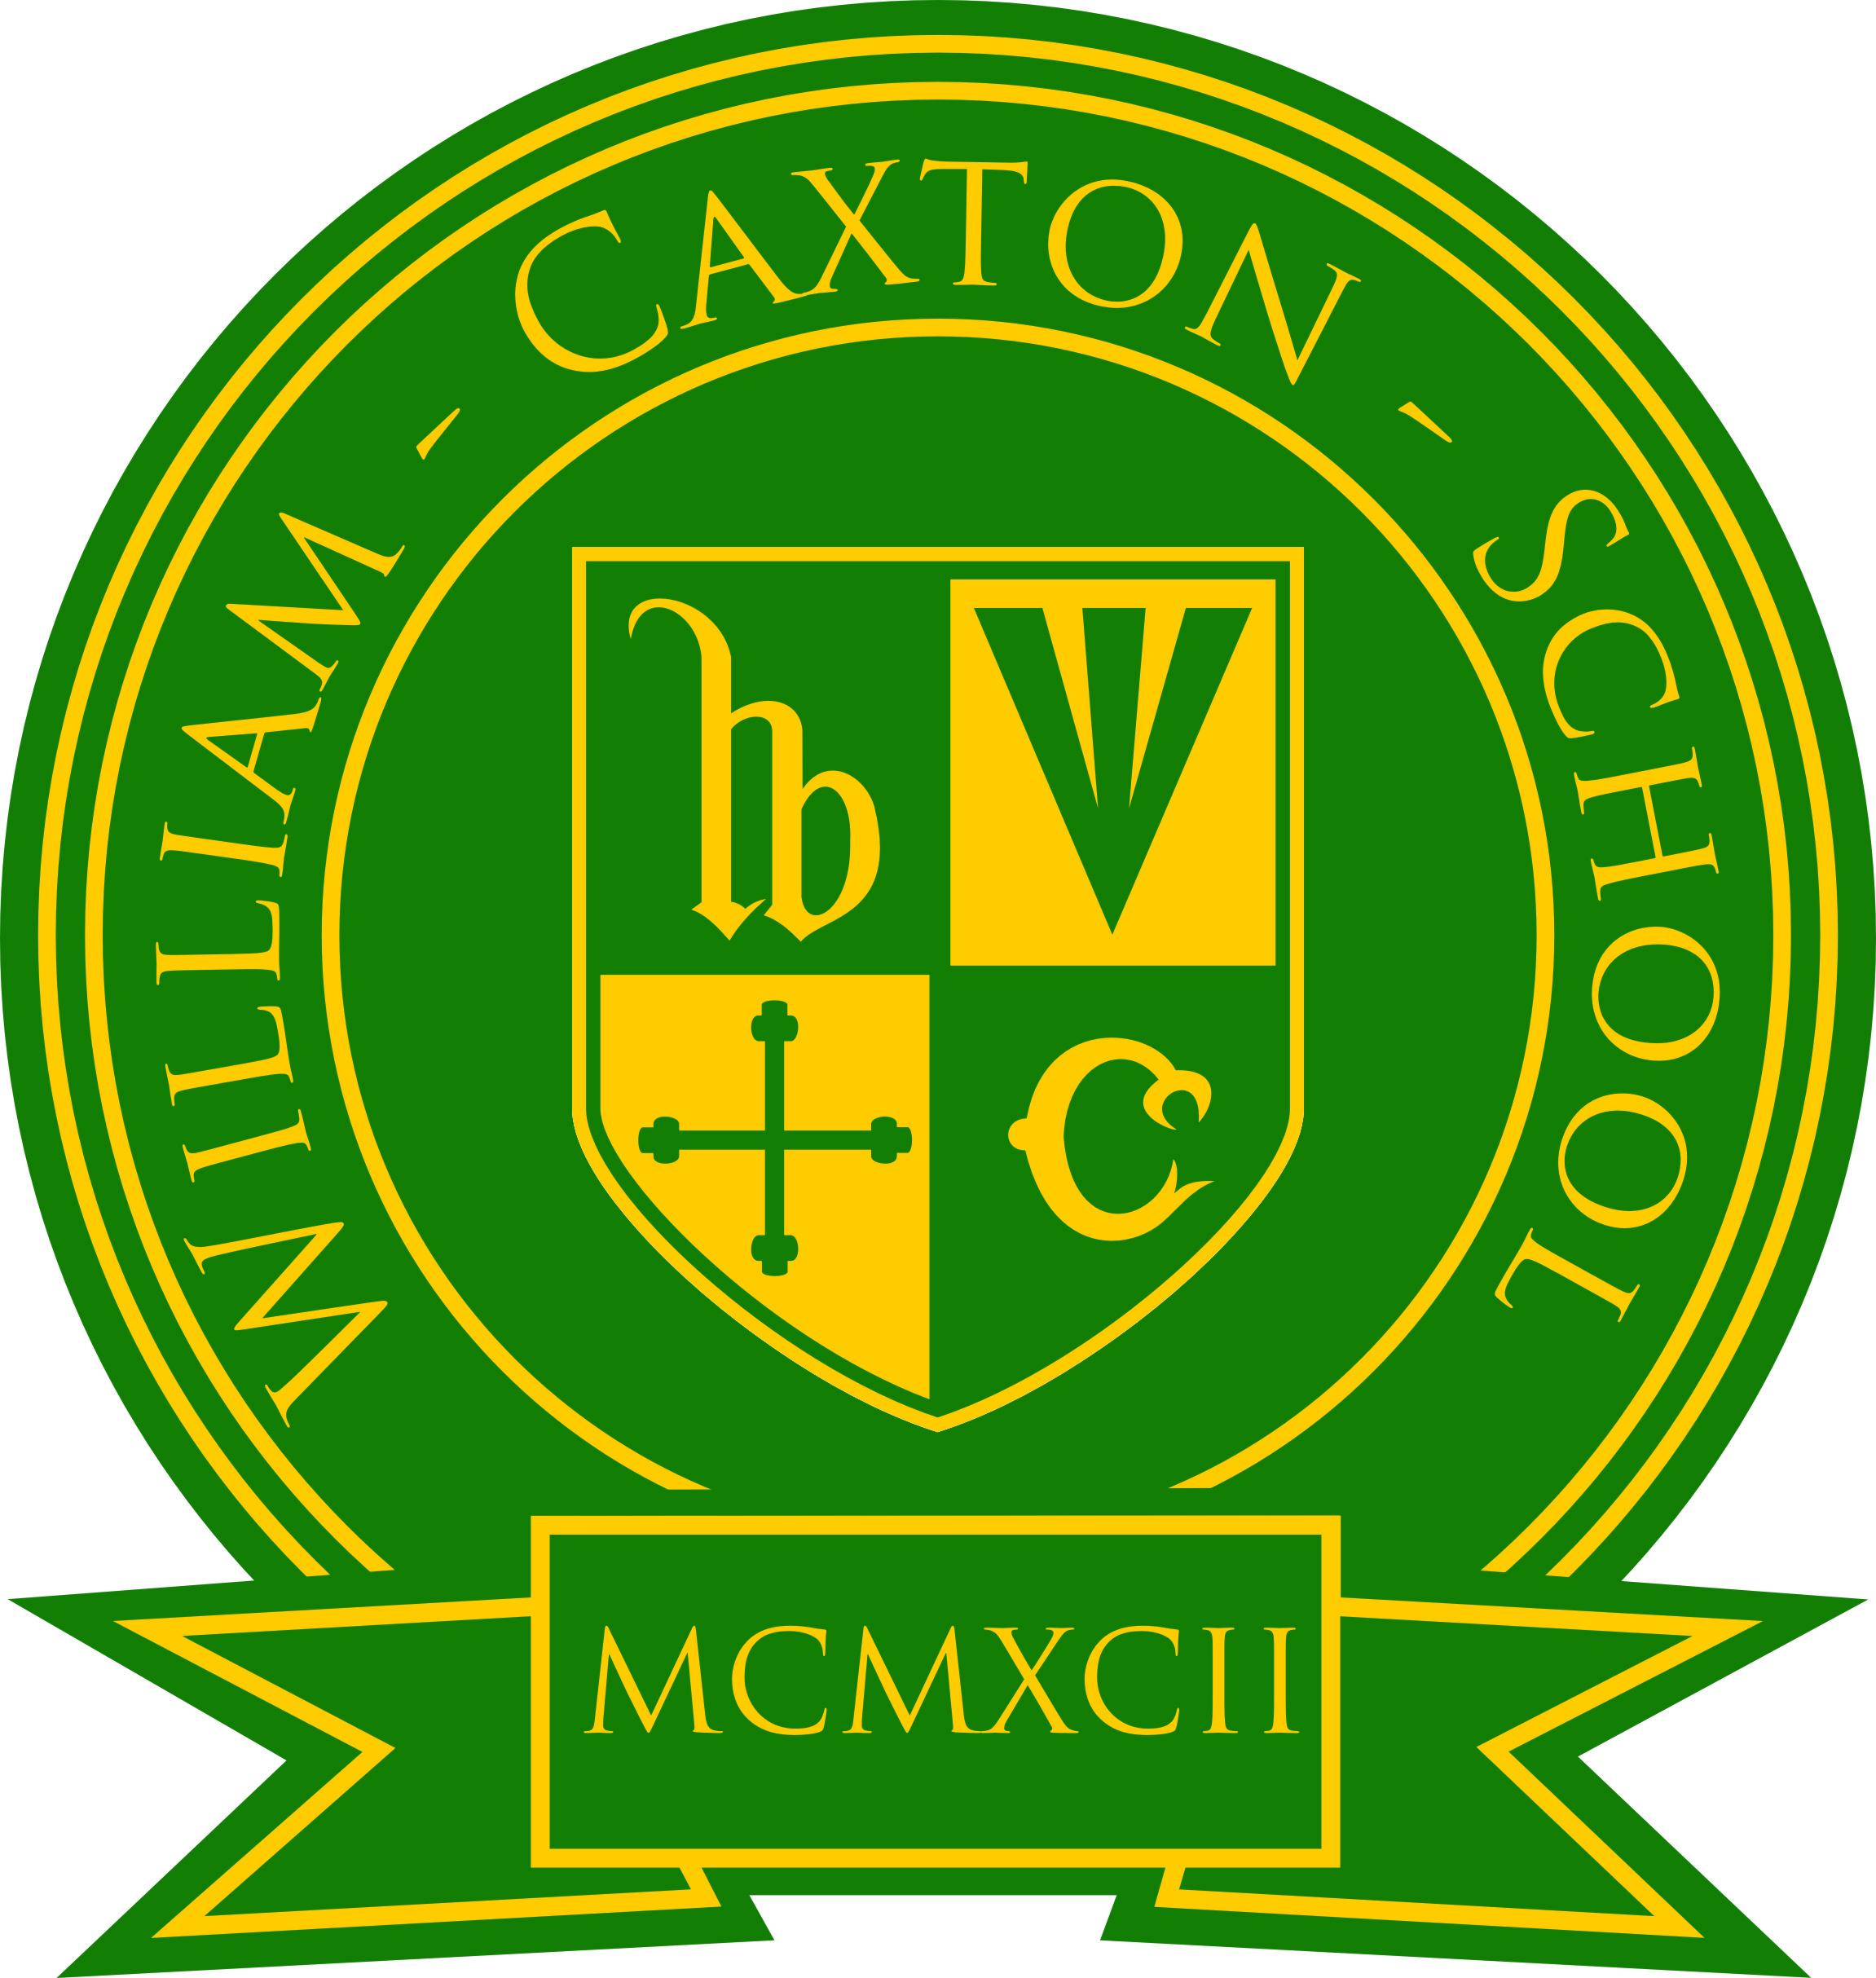 Escuela William Caxton